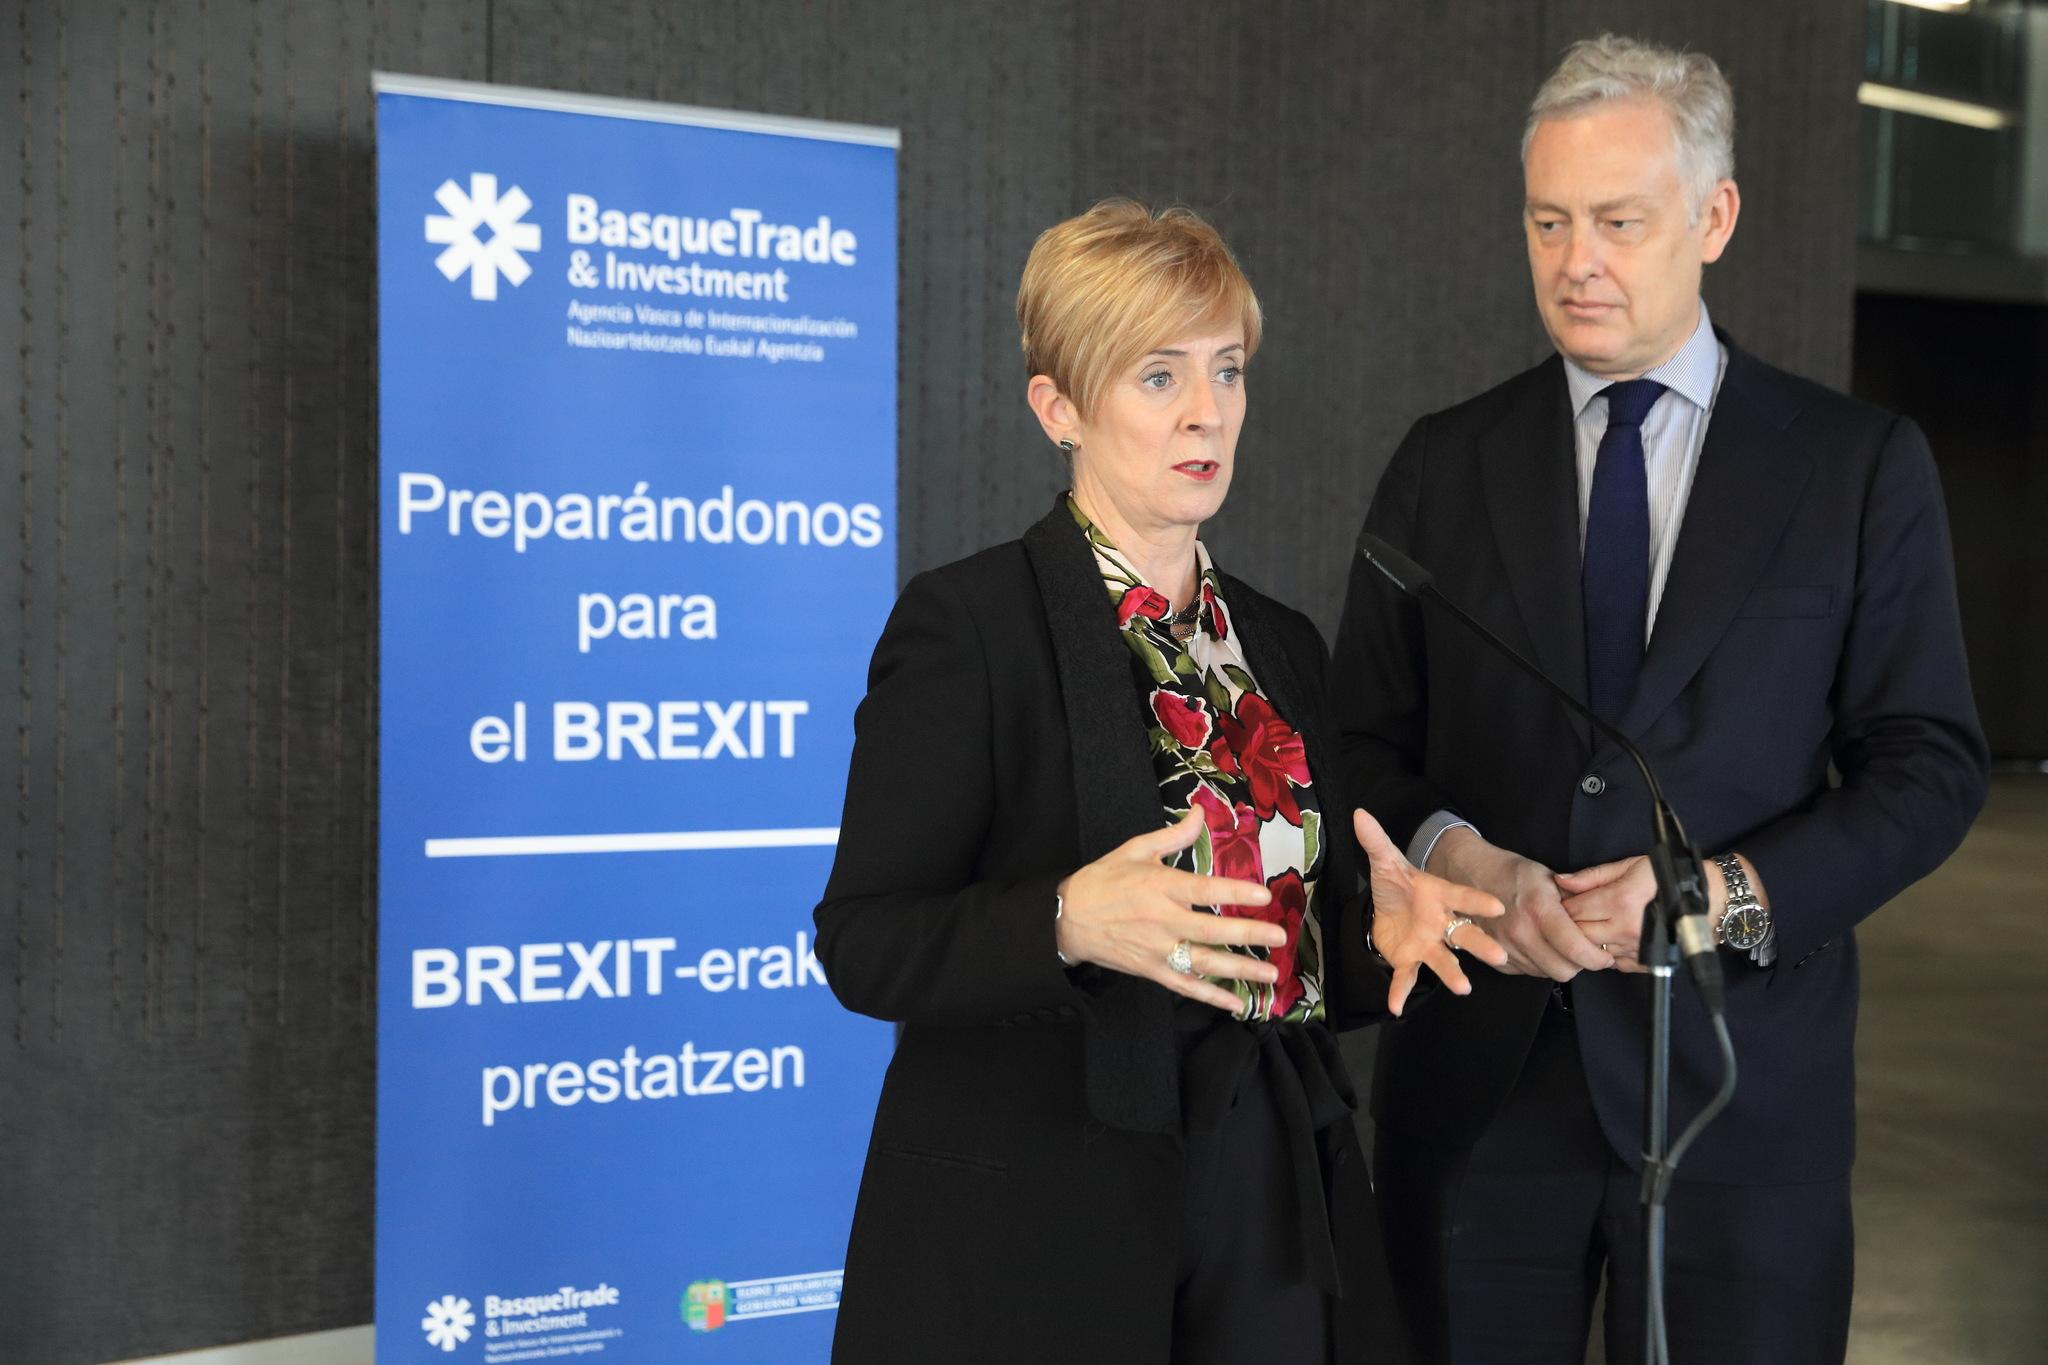 El Embajador Británco Espera Que Las Relaciones